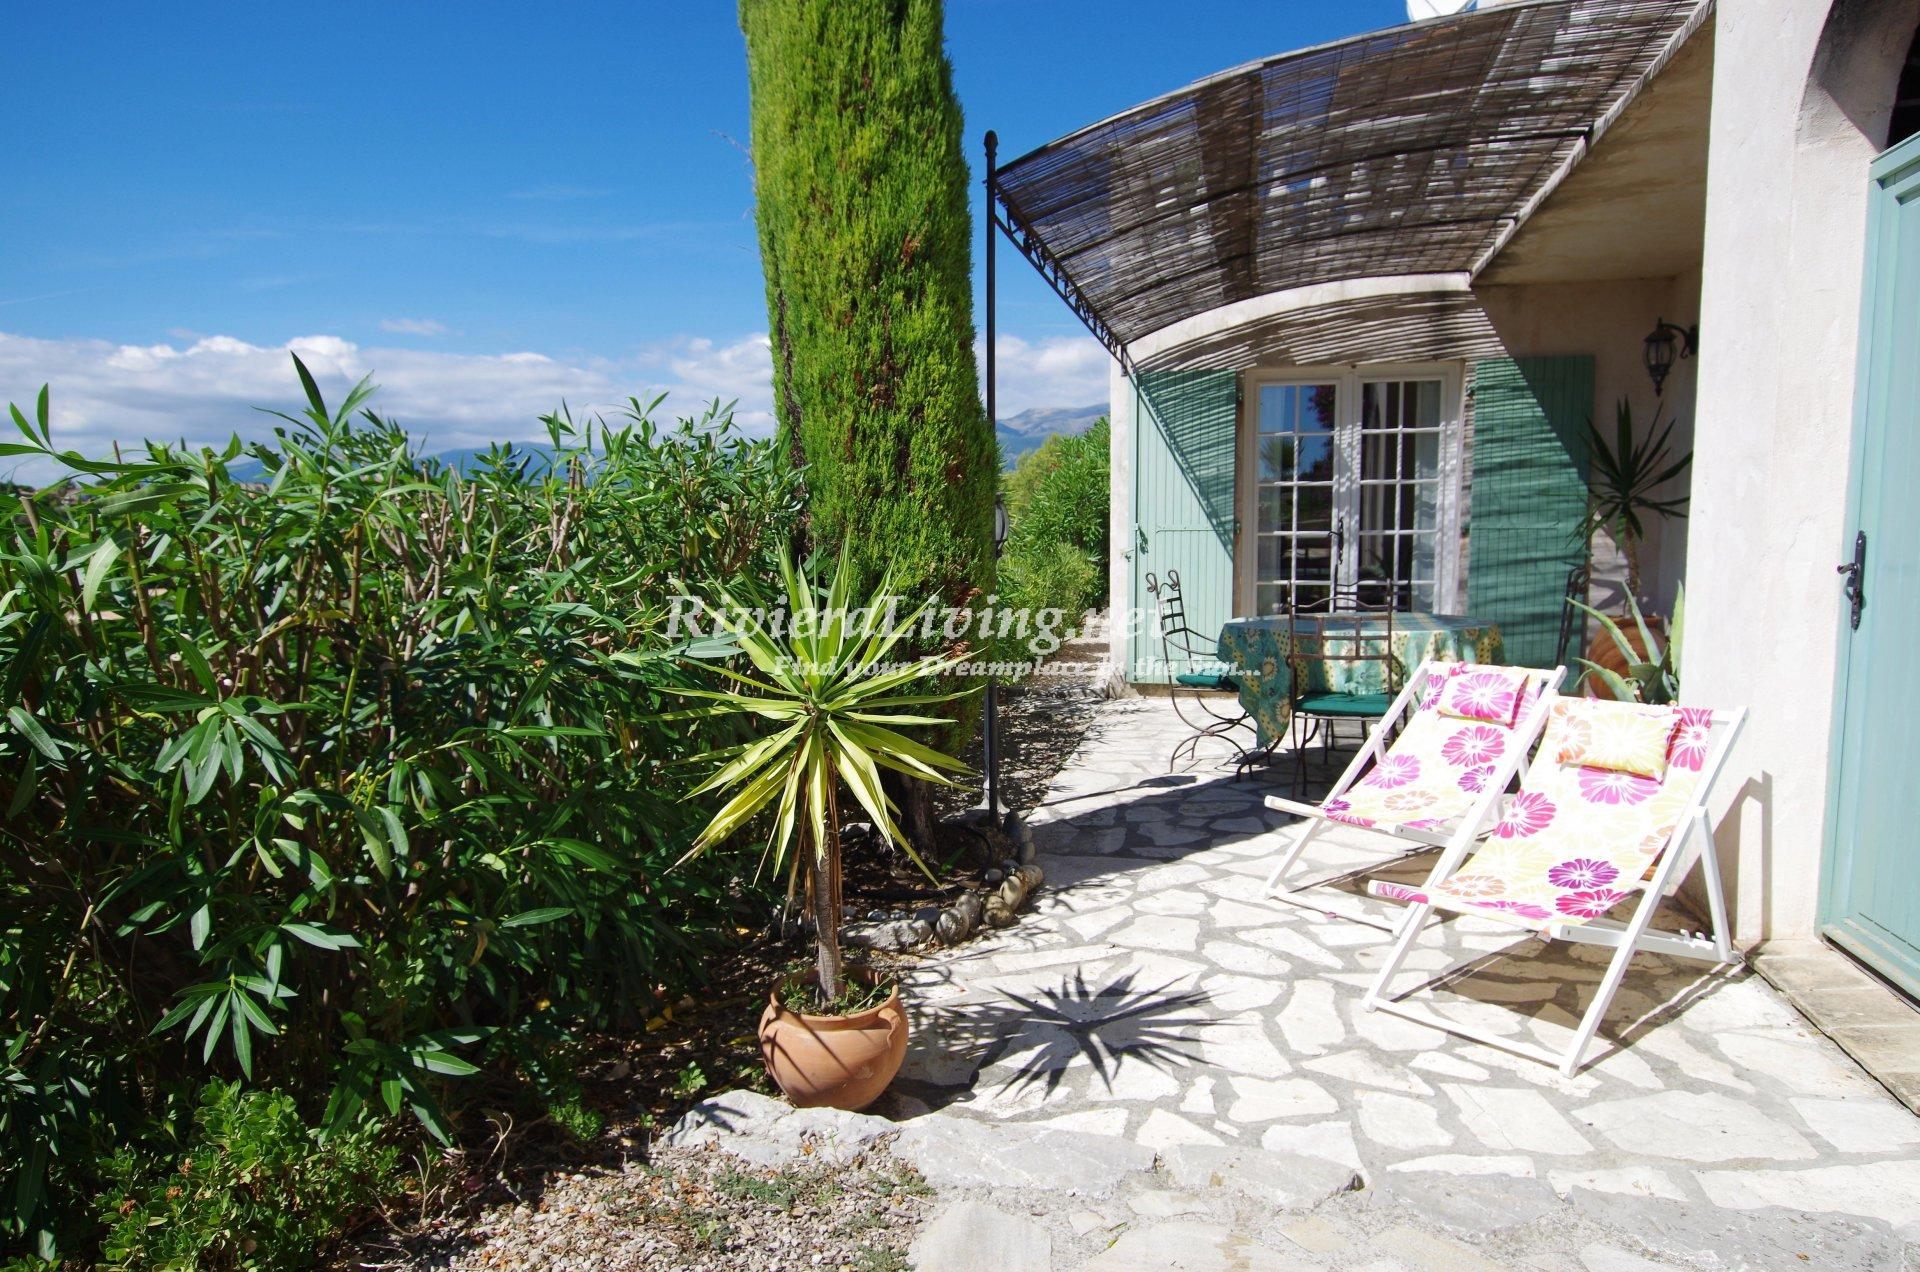 CAGNES SUR MER --- Superbe villa provençale avec piscine et vue mer